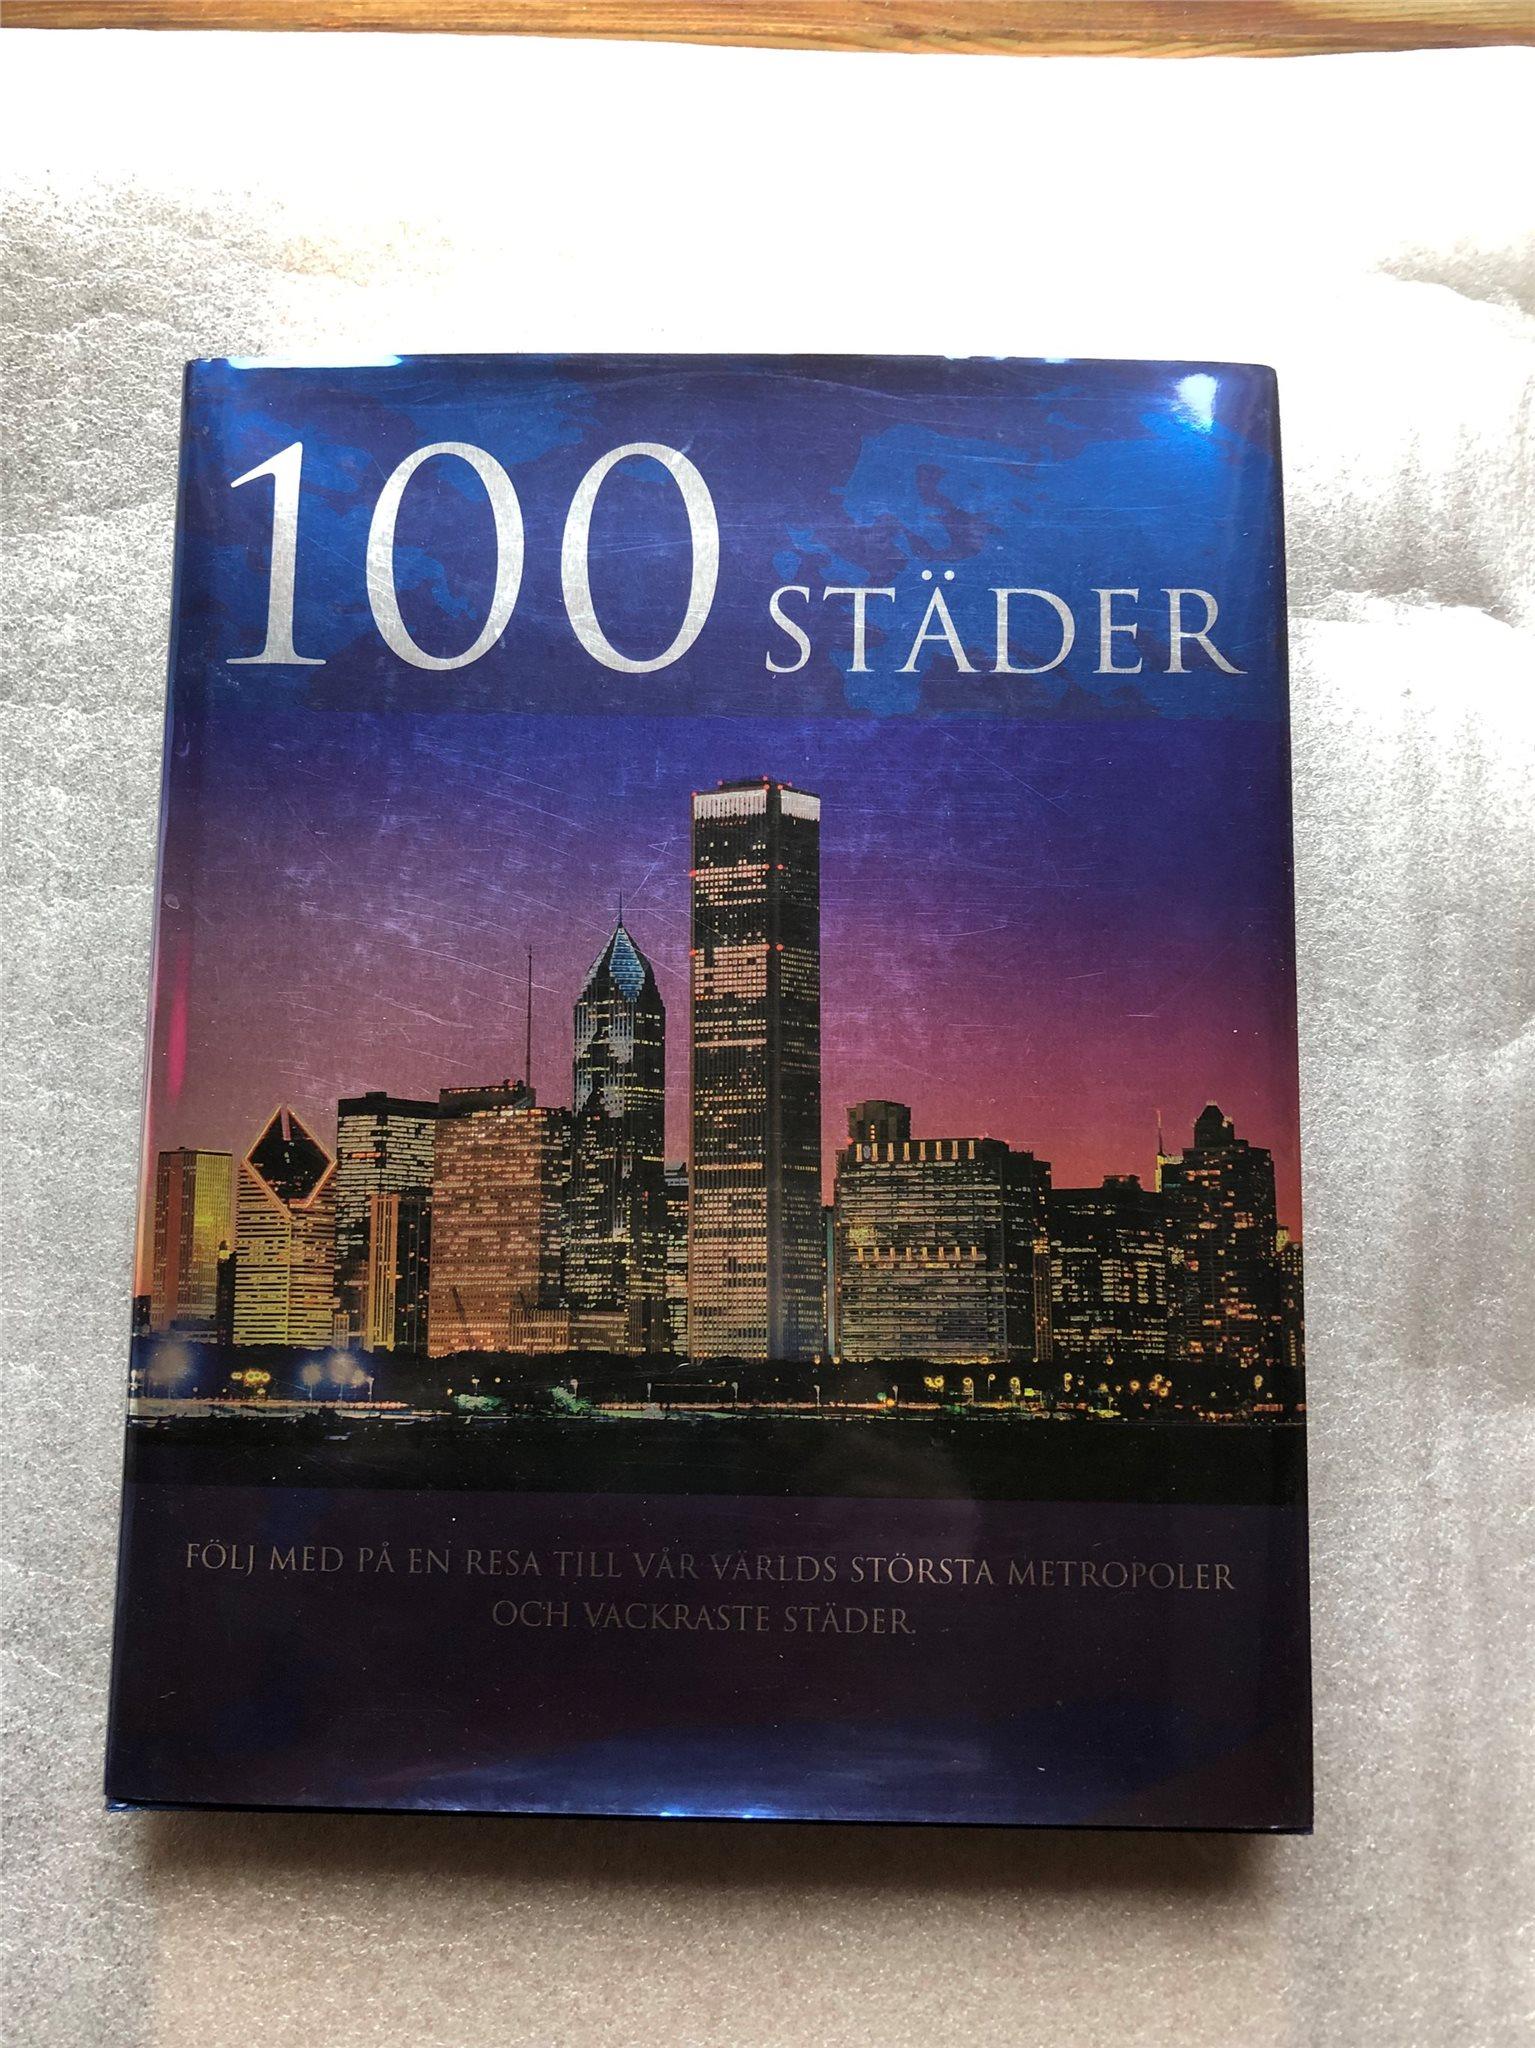 100 100 100 städer , ISBN 978-1-4054-9909-5 877a55